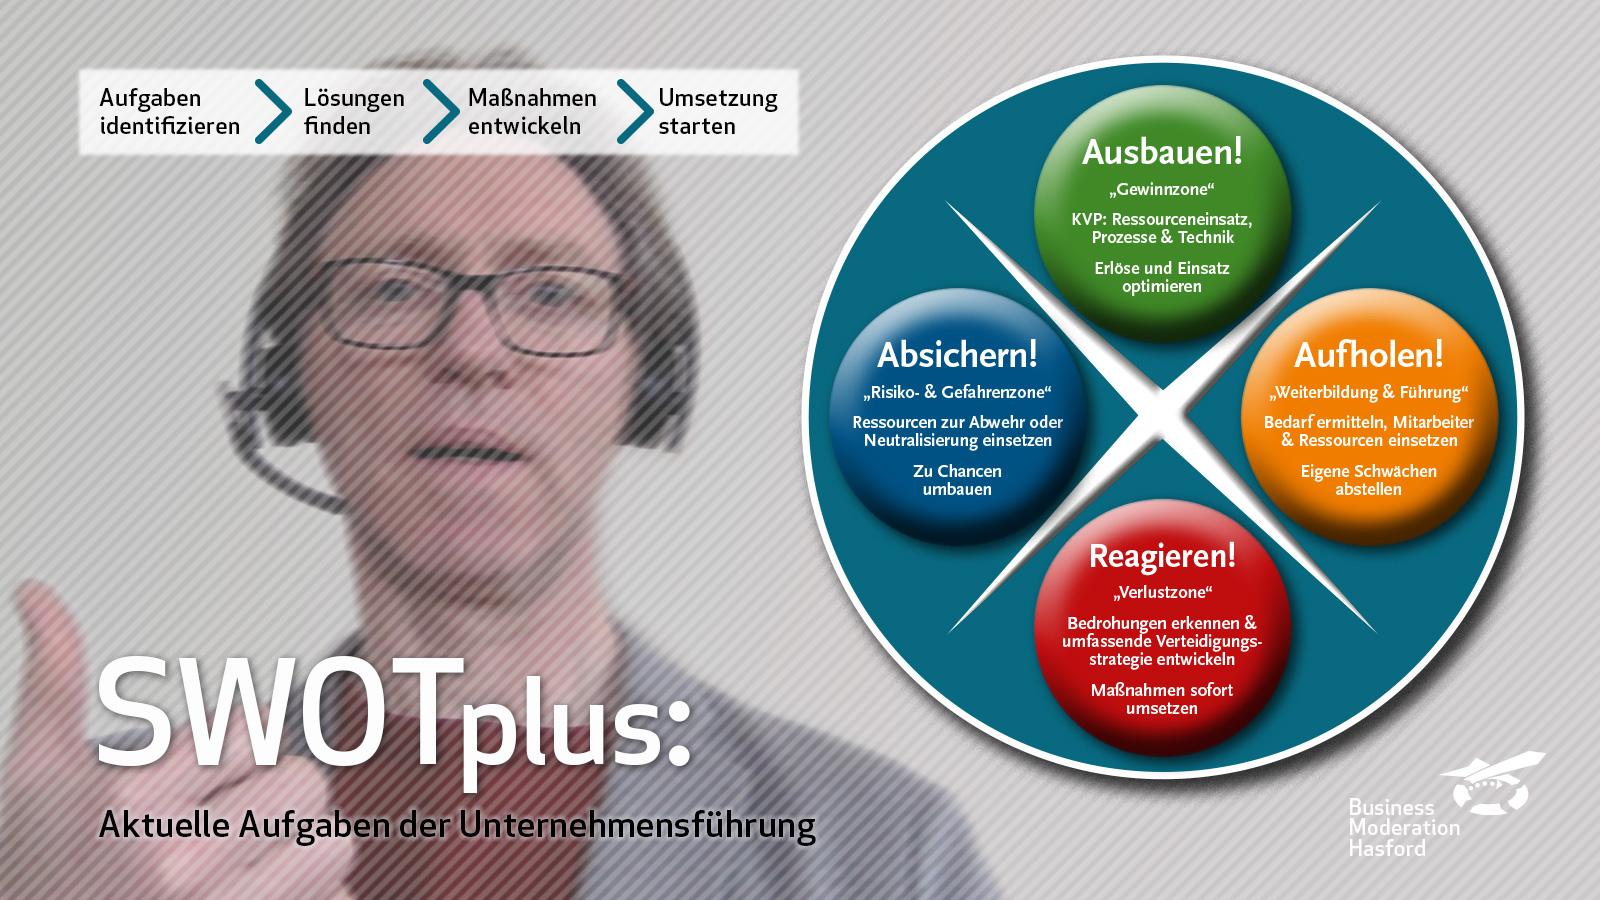 SWOTplus Bussines Moderation Hasford | Strategie | Entscheidung | Konfliktlösung